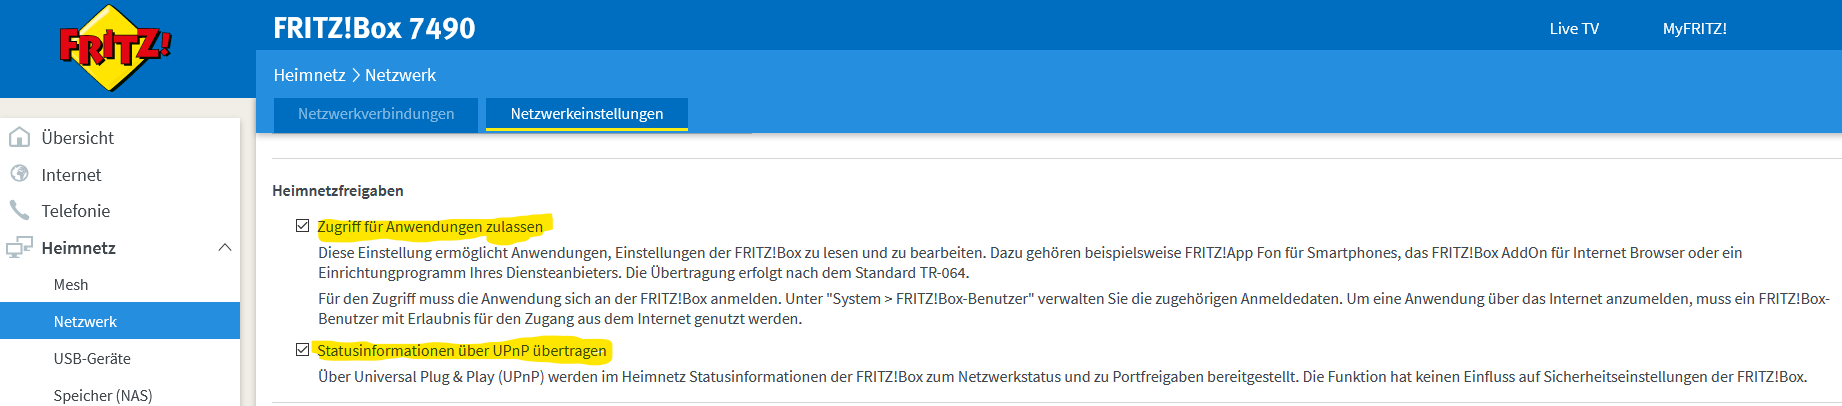 Fritzbox Einstellungen zum Datensammeln